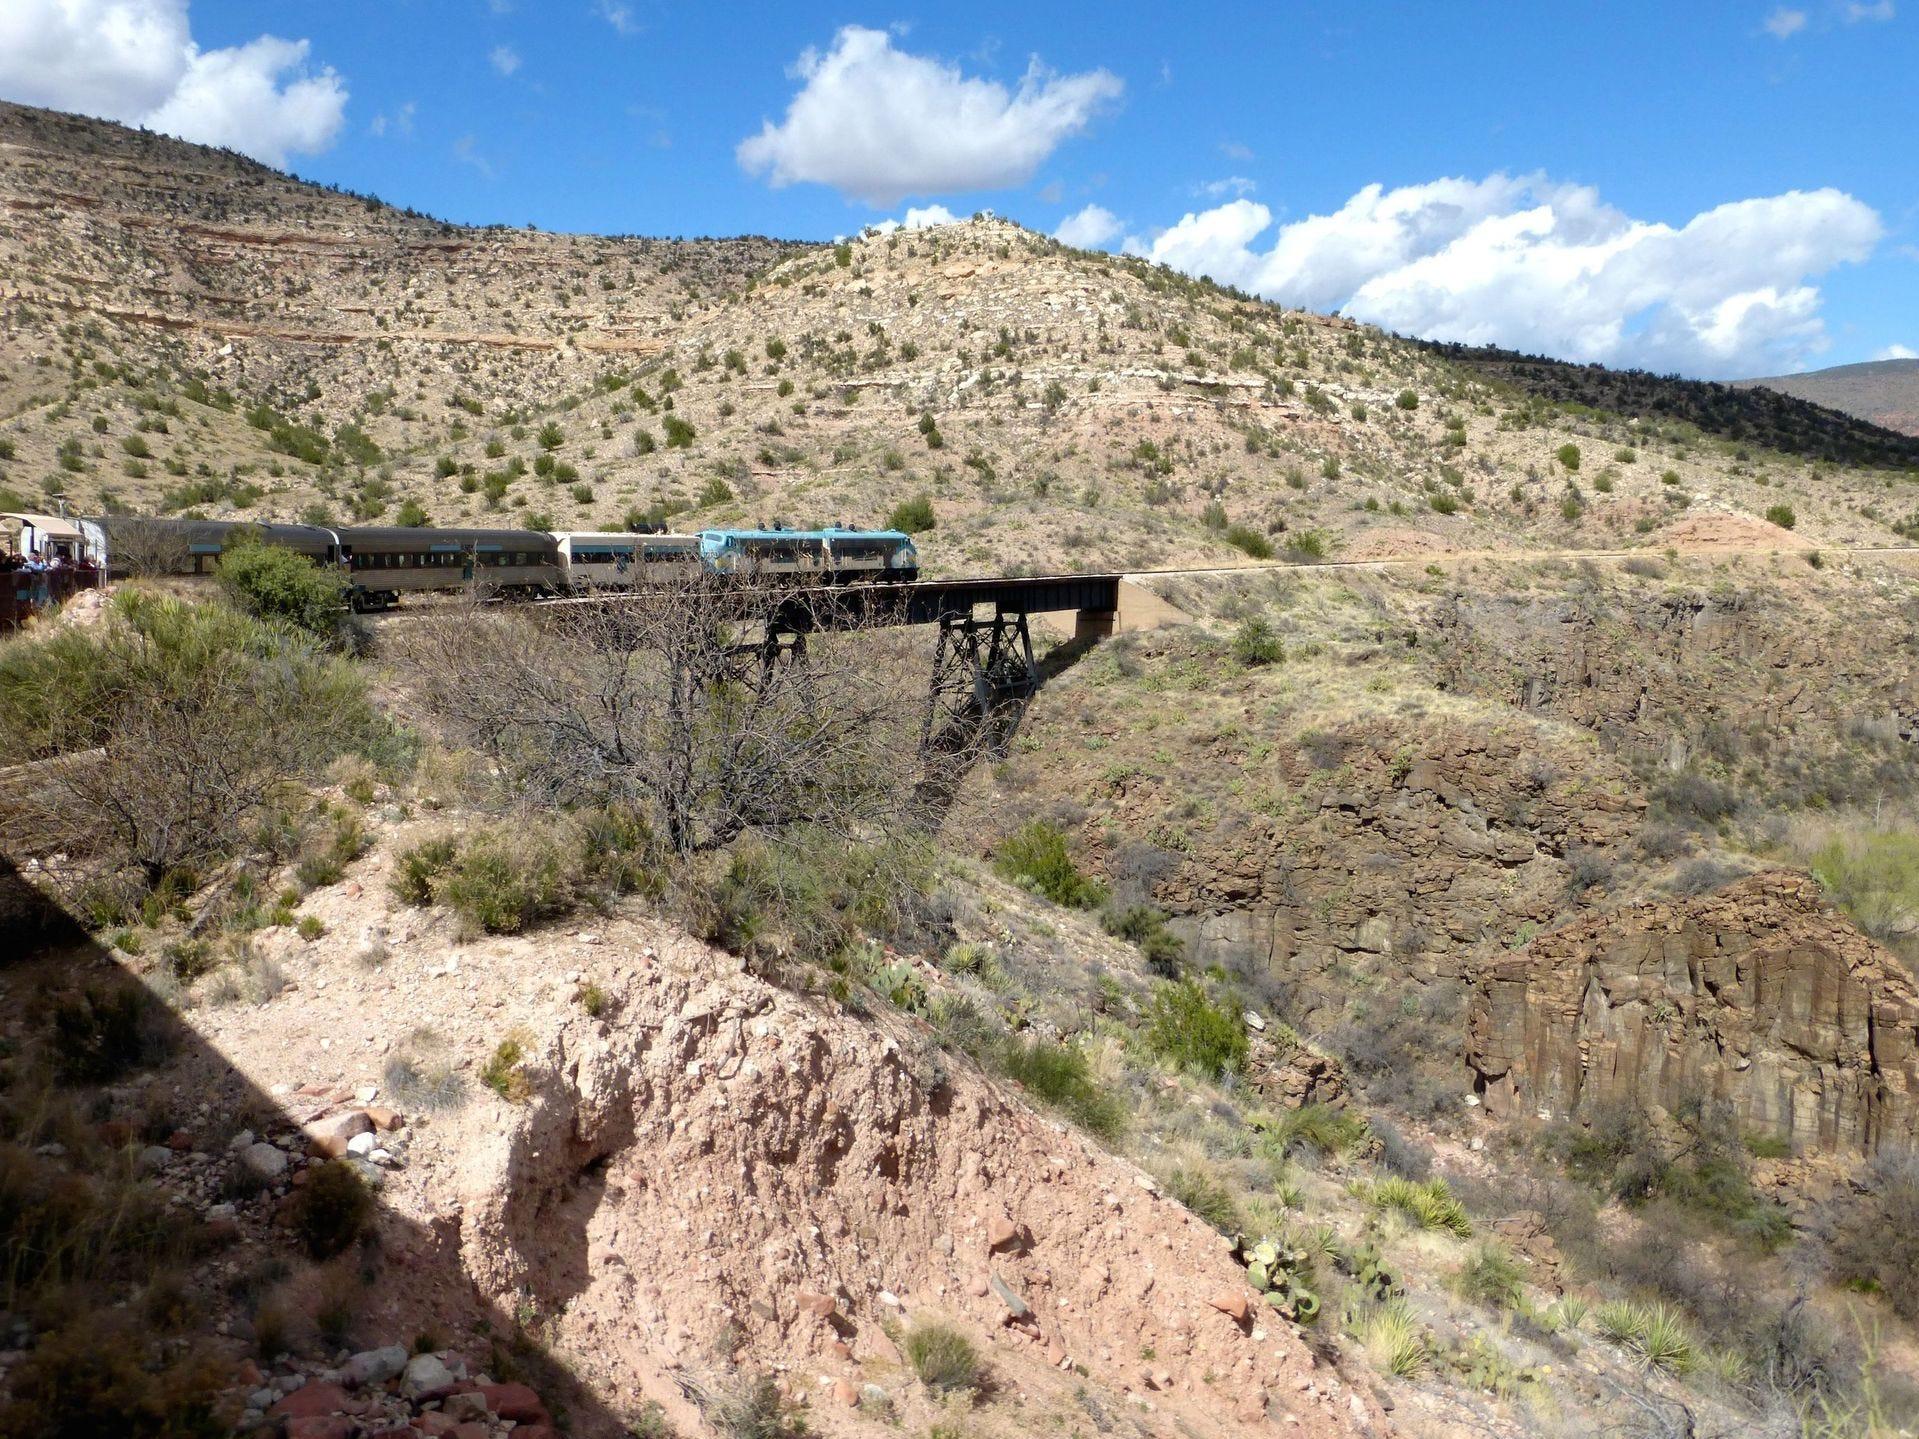 Partiendo de Clarkdale, Verde Canyon Railroad viaja a lo largo de una sección de vía de ancho estándar establecida originalmente en 1911 para apoyar la actividad minera de Jerome.